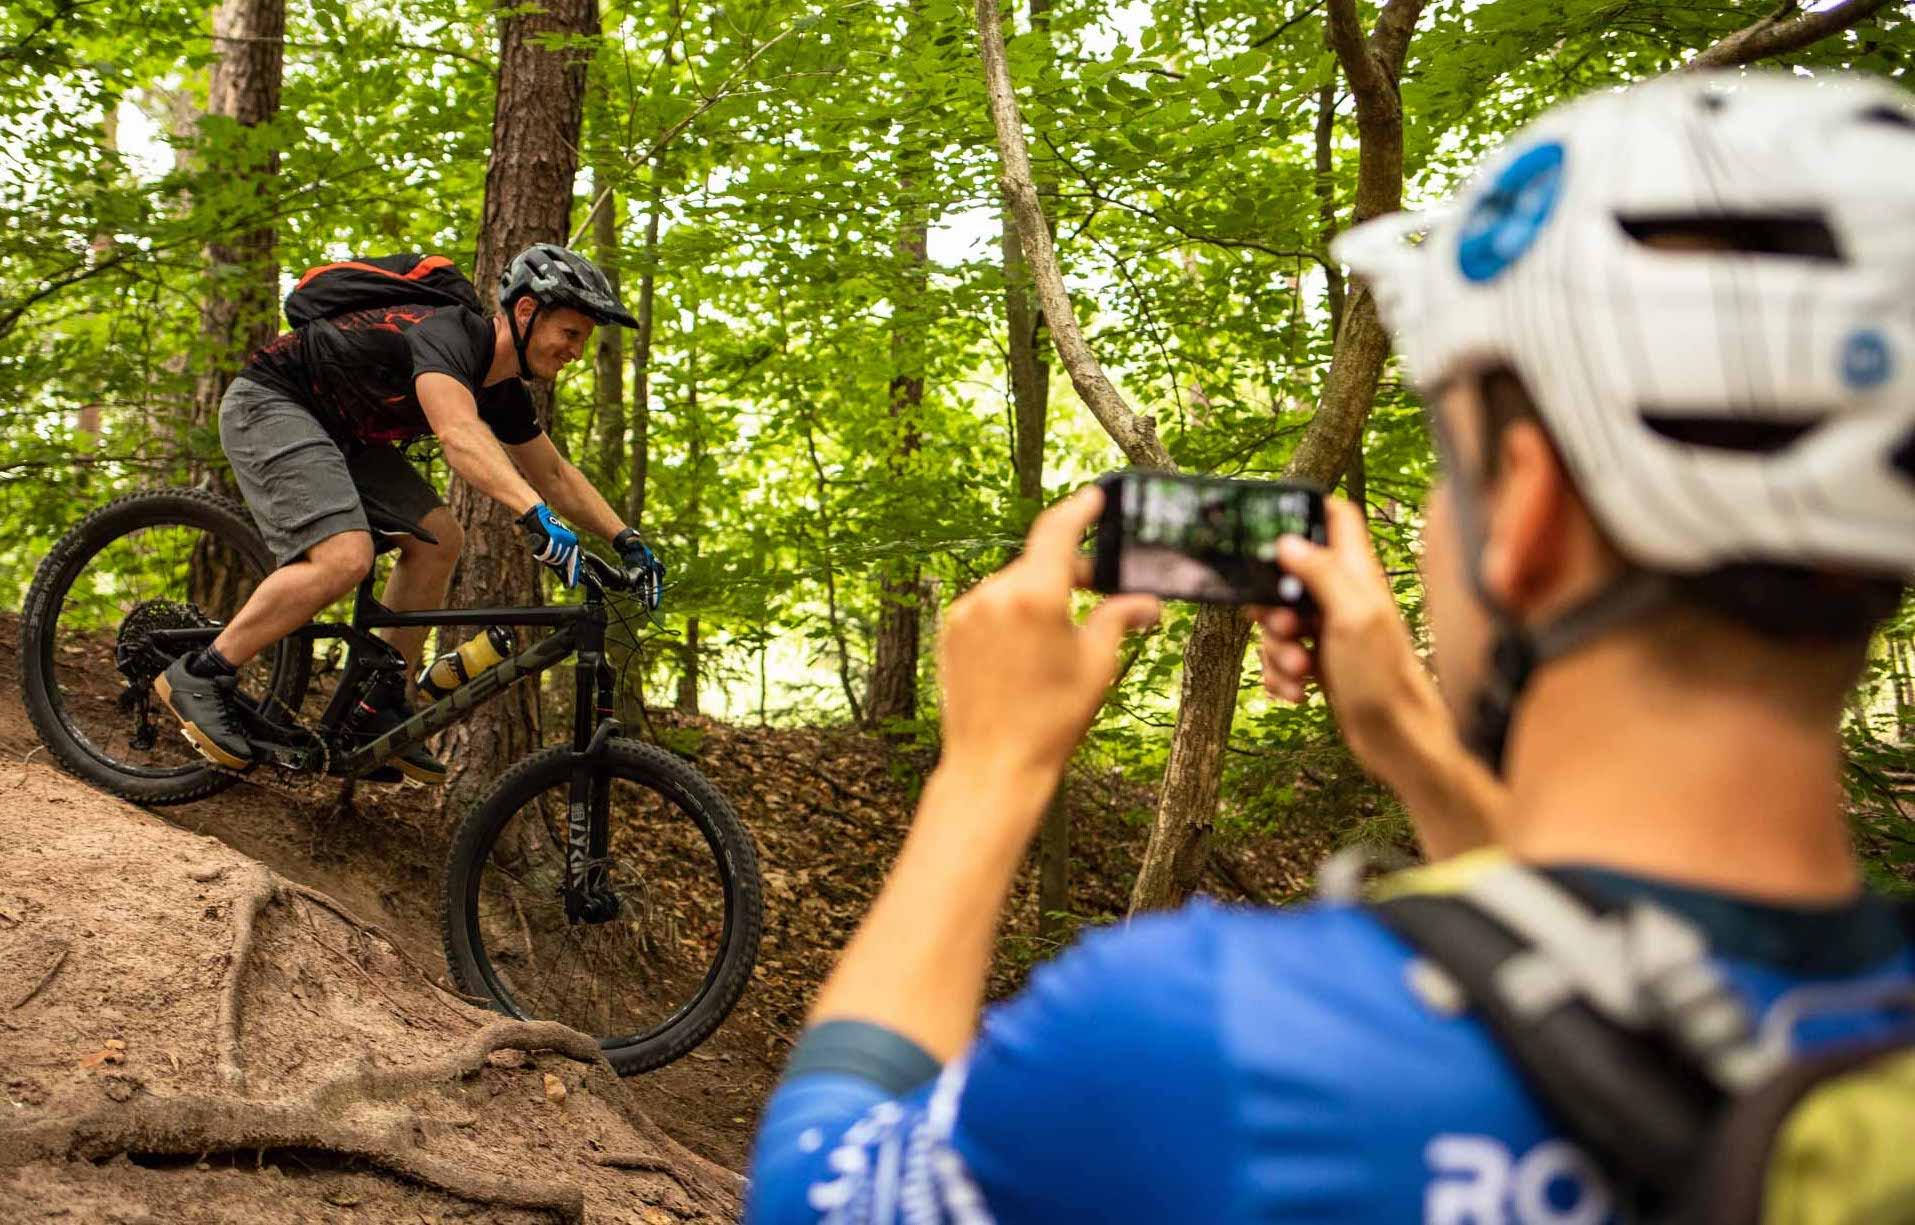 MTB Fahrtechnik Kurs für Einsteiger in Siegburg   Bonn - Mountainbike Basic - Rock my Trail Bikeschule - 8